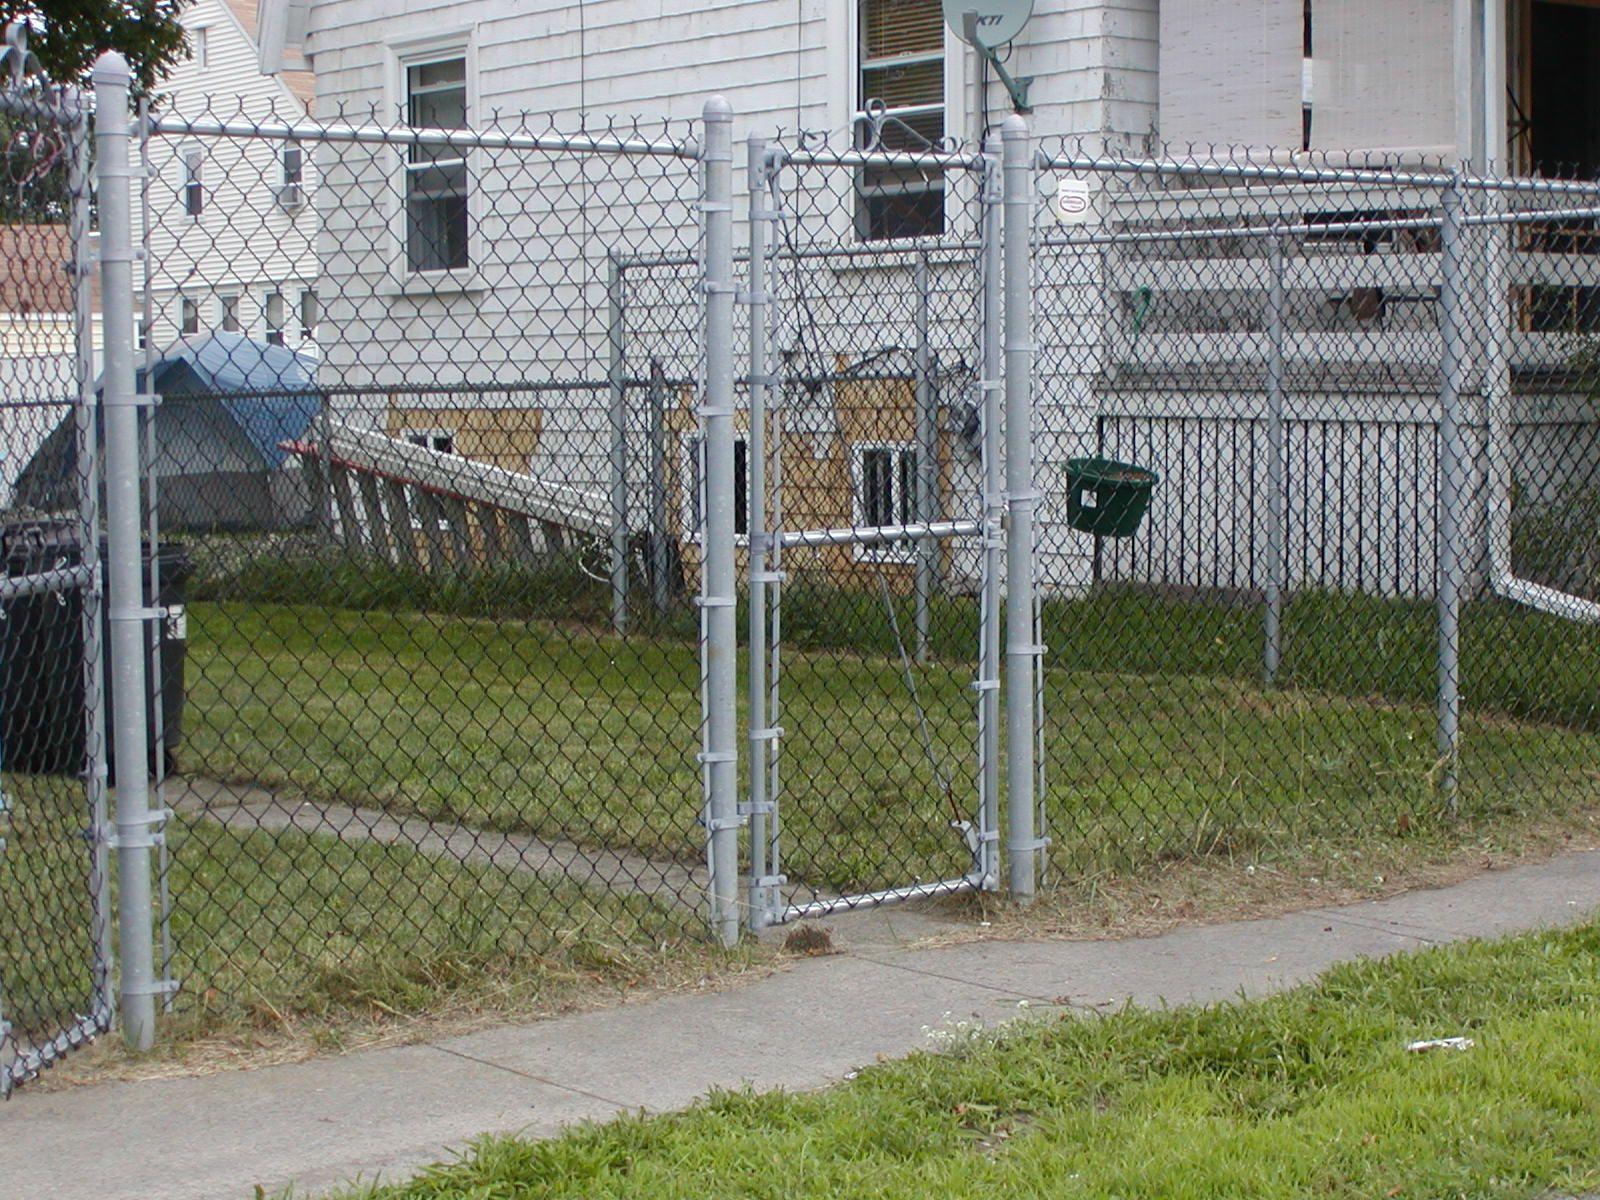 cyclone wire dog enclosure google search dog enclosure ideas